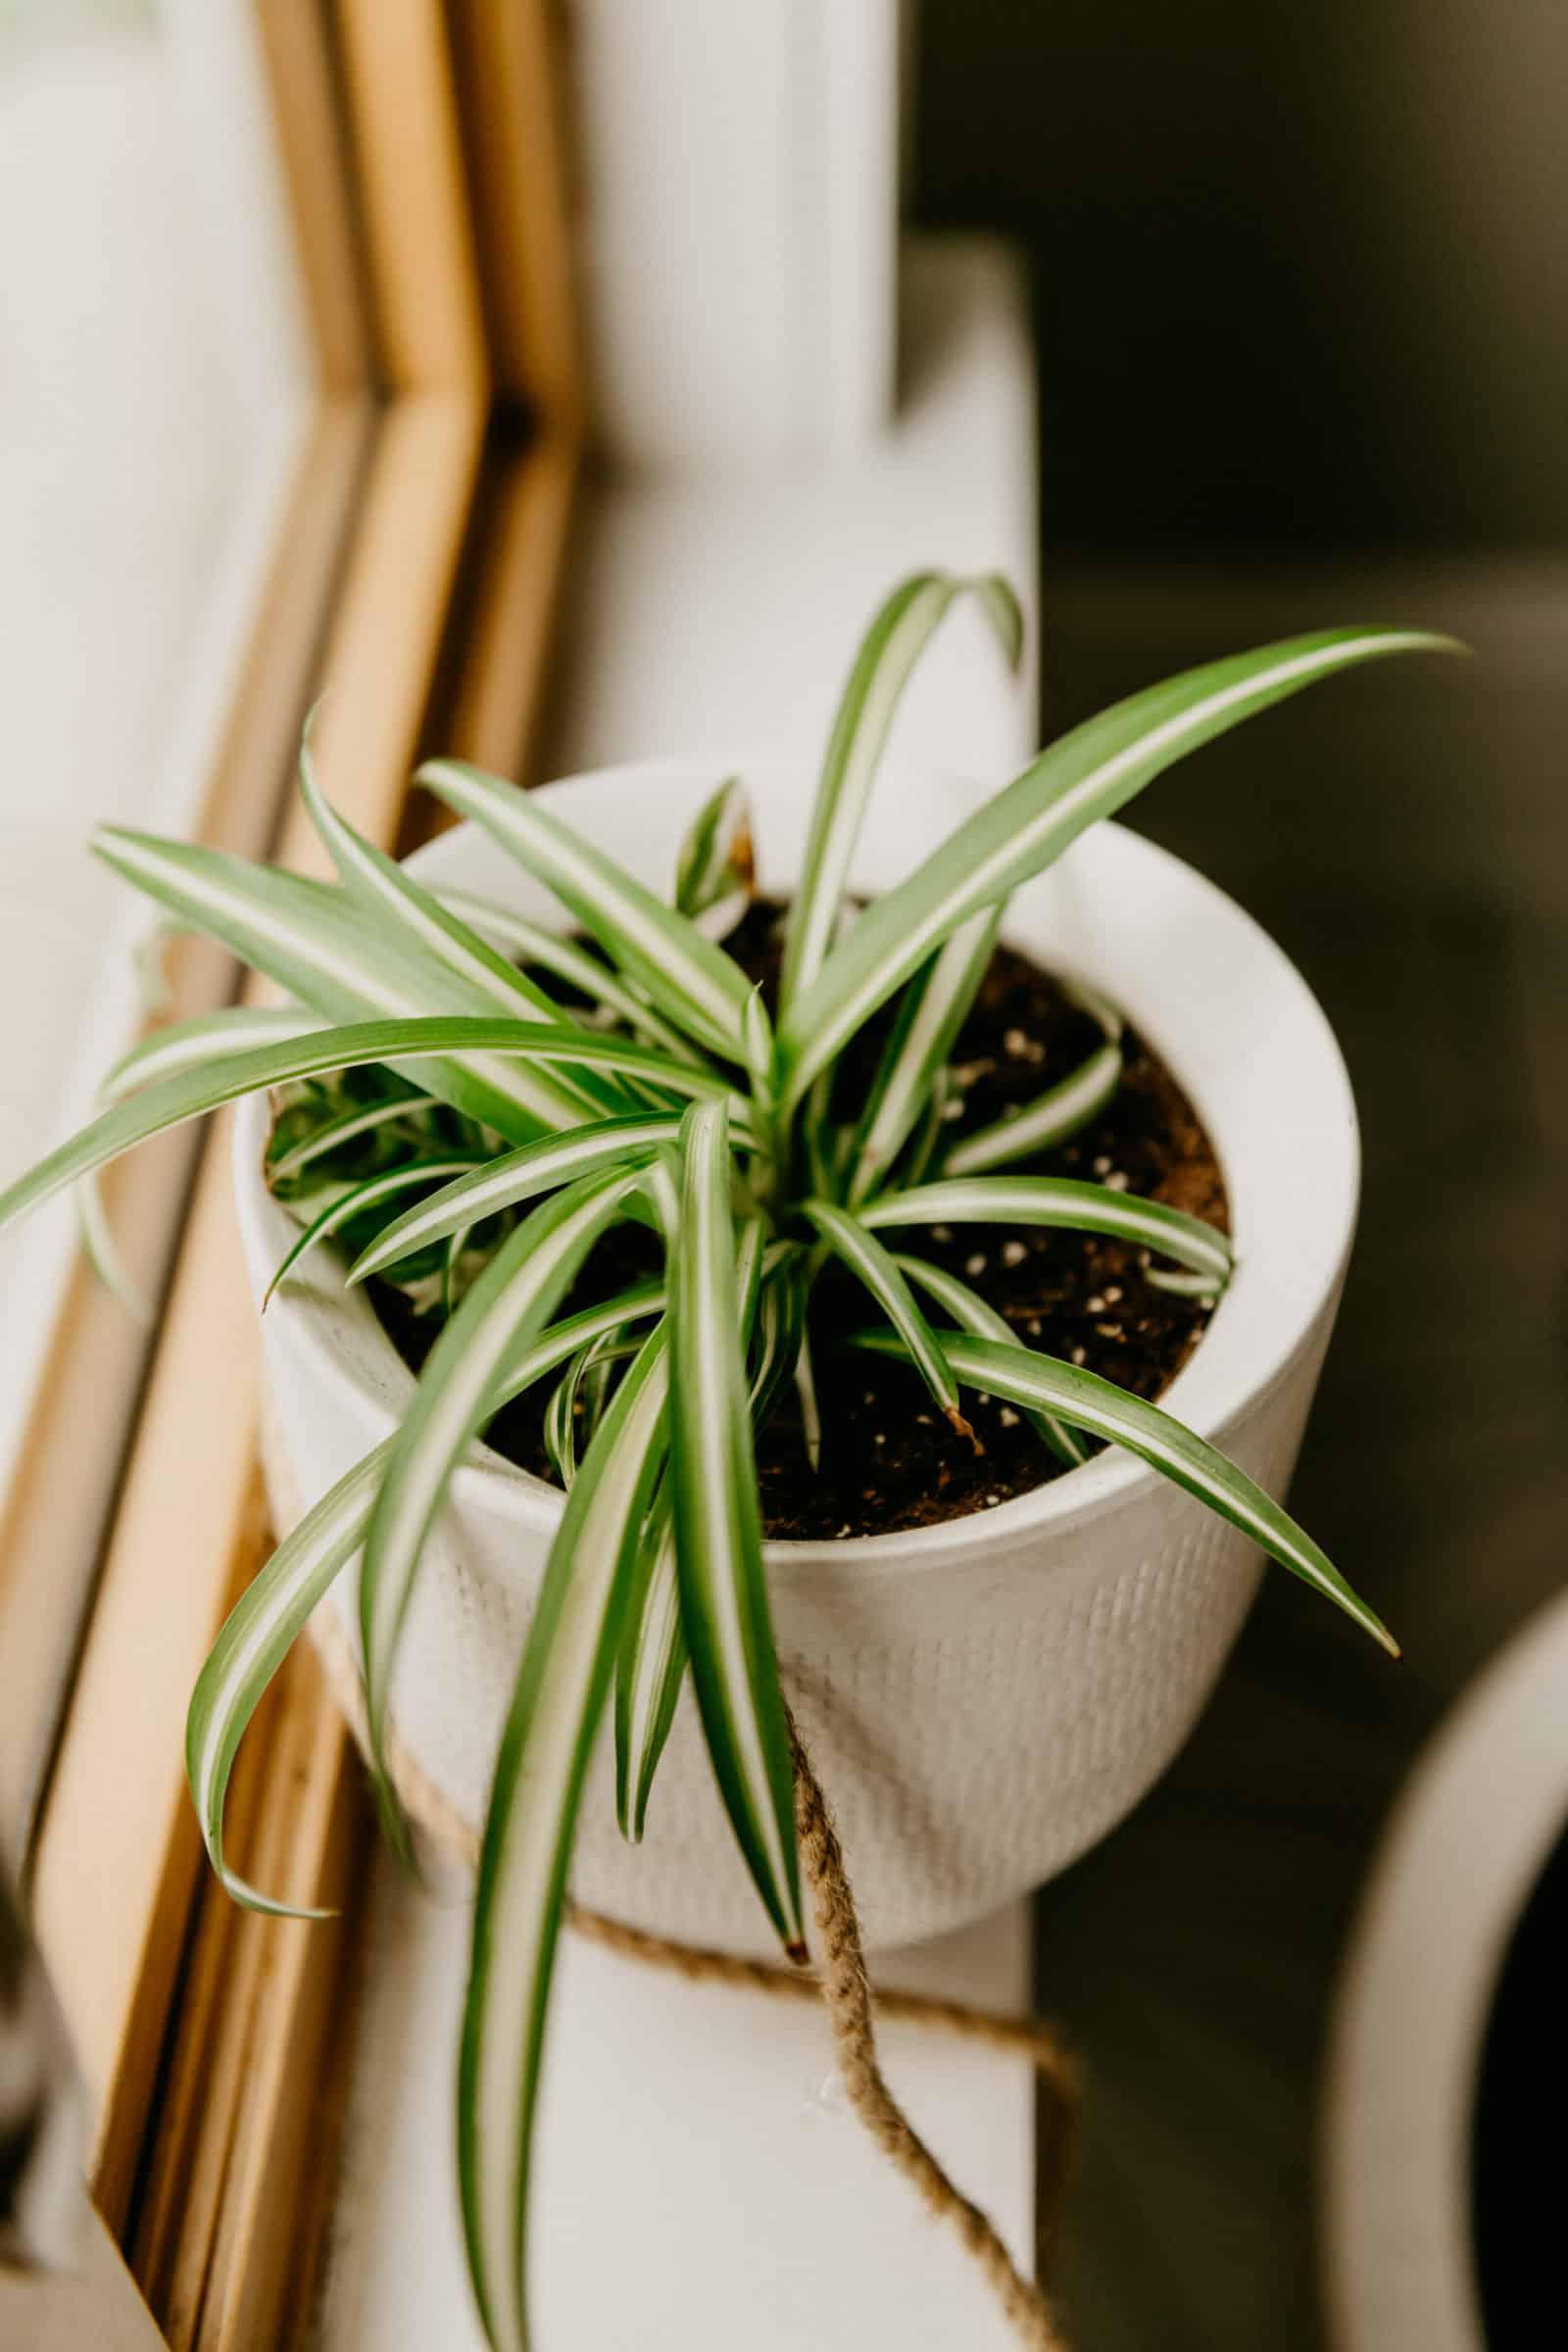 spider houseplants